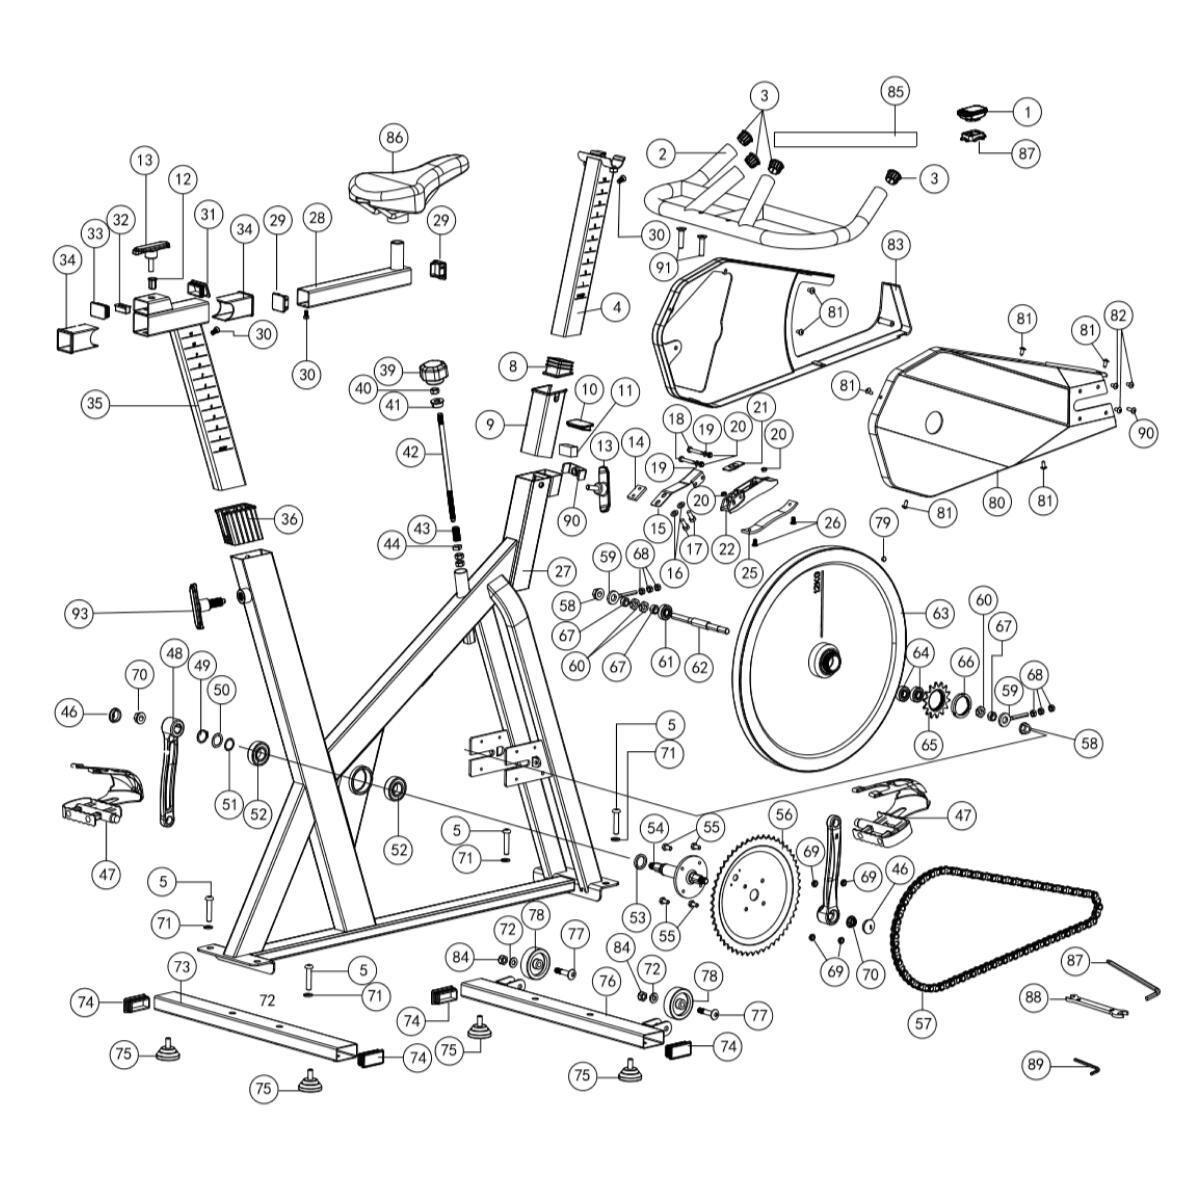 Piano rotto Biking100